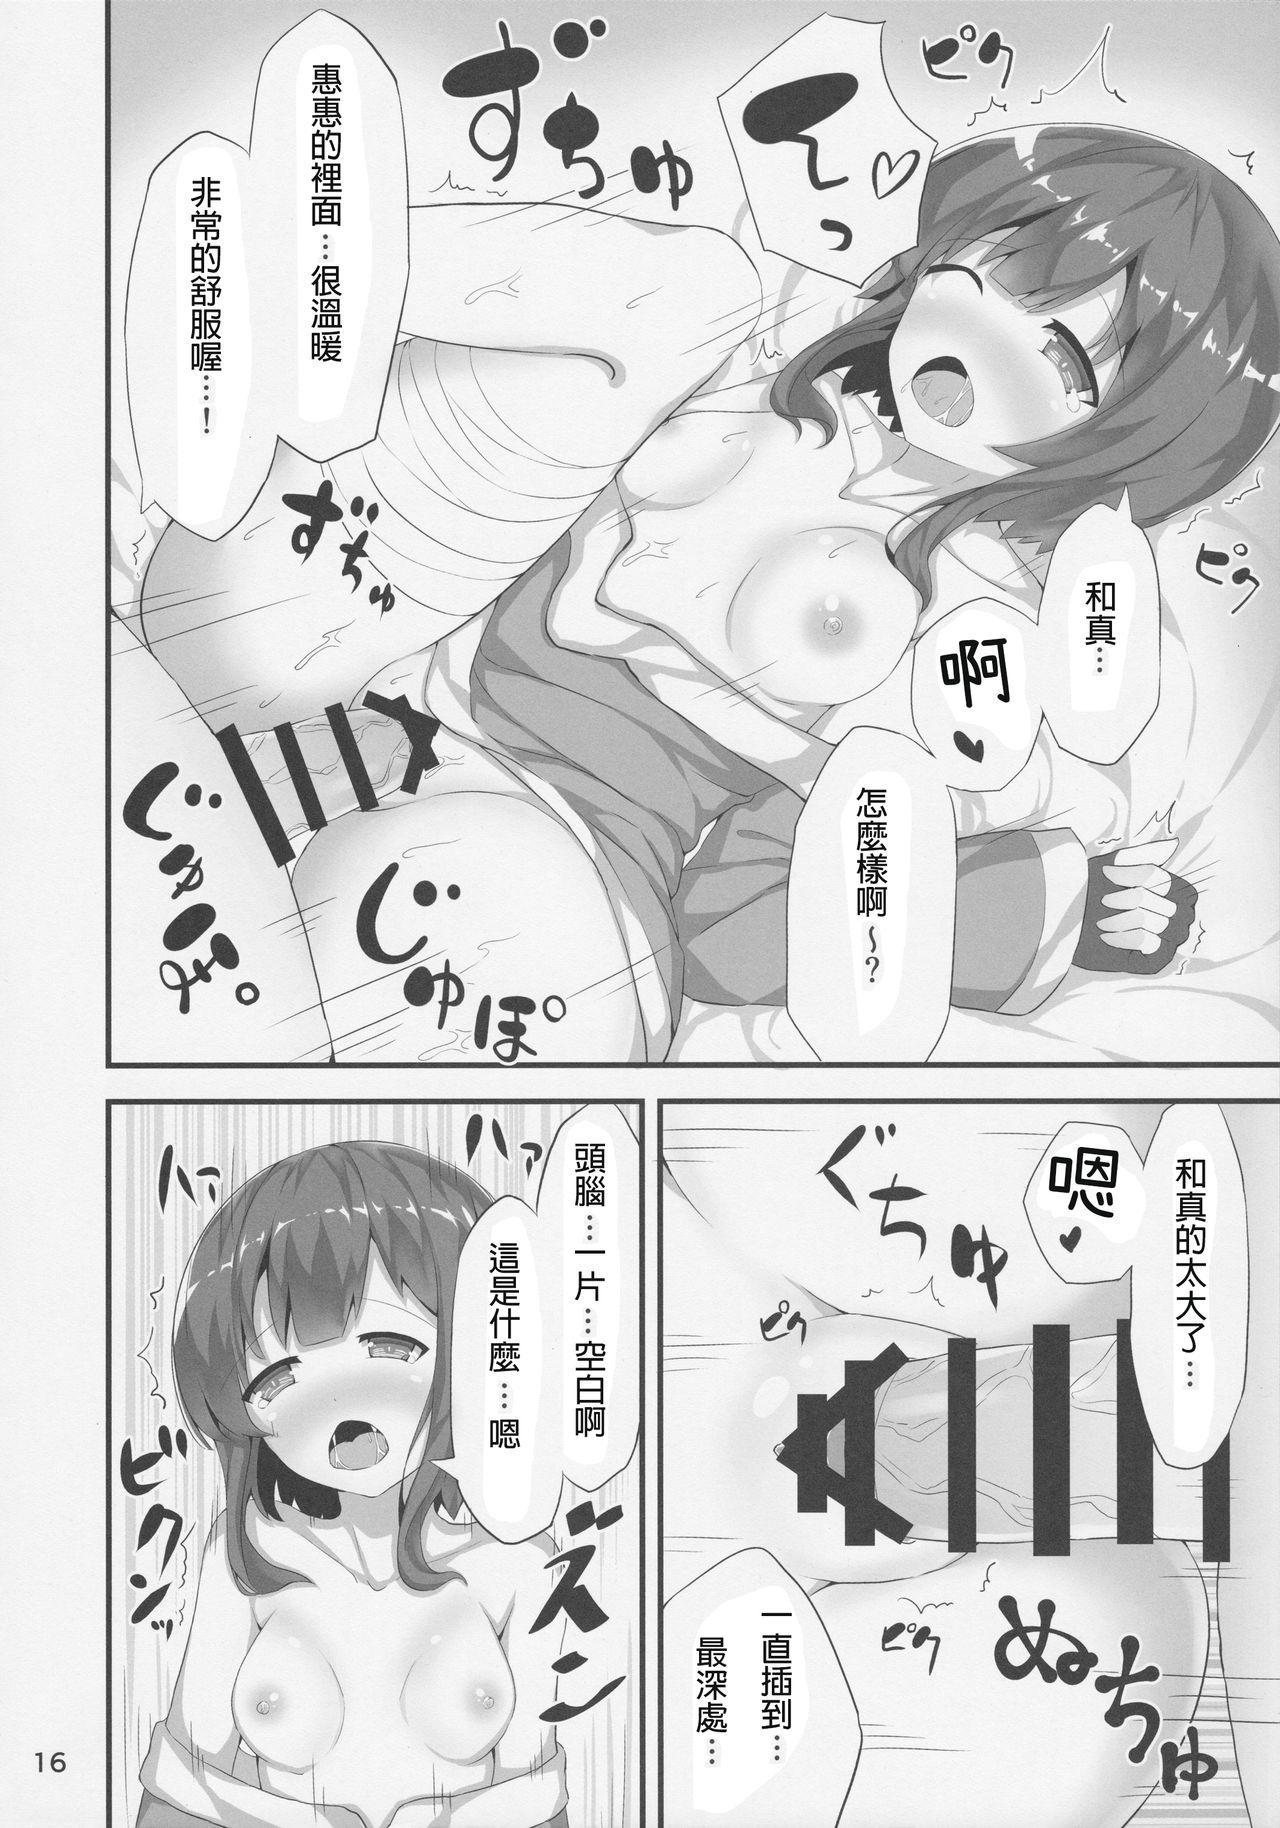 Megumin ga Josei no Miryoku o Misete kurerutte 14